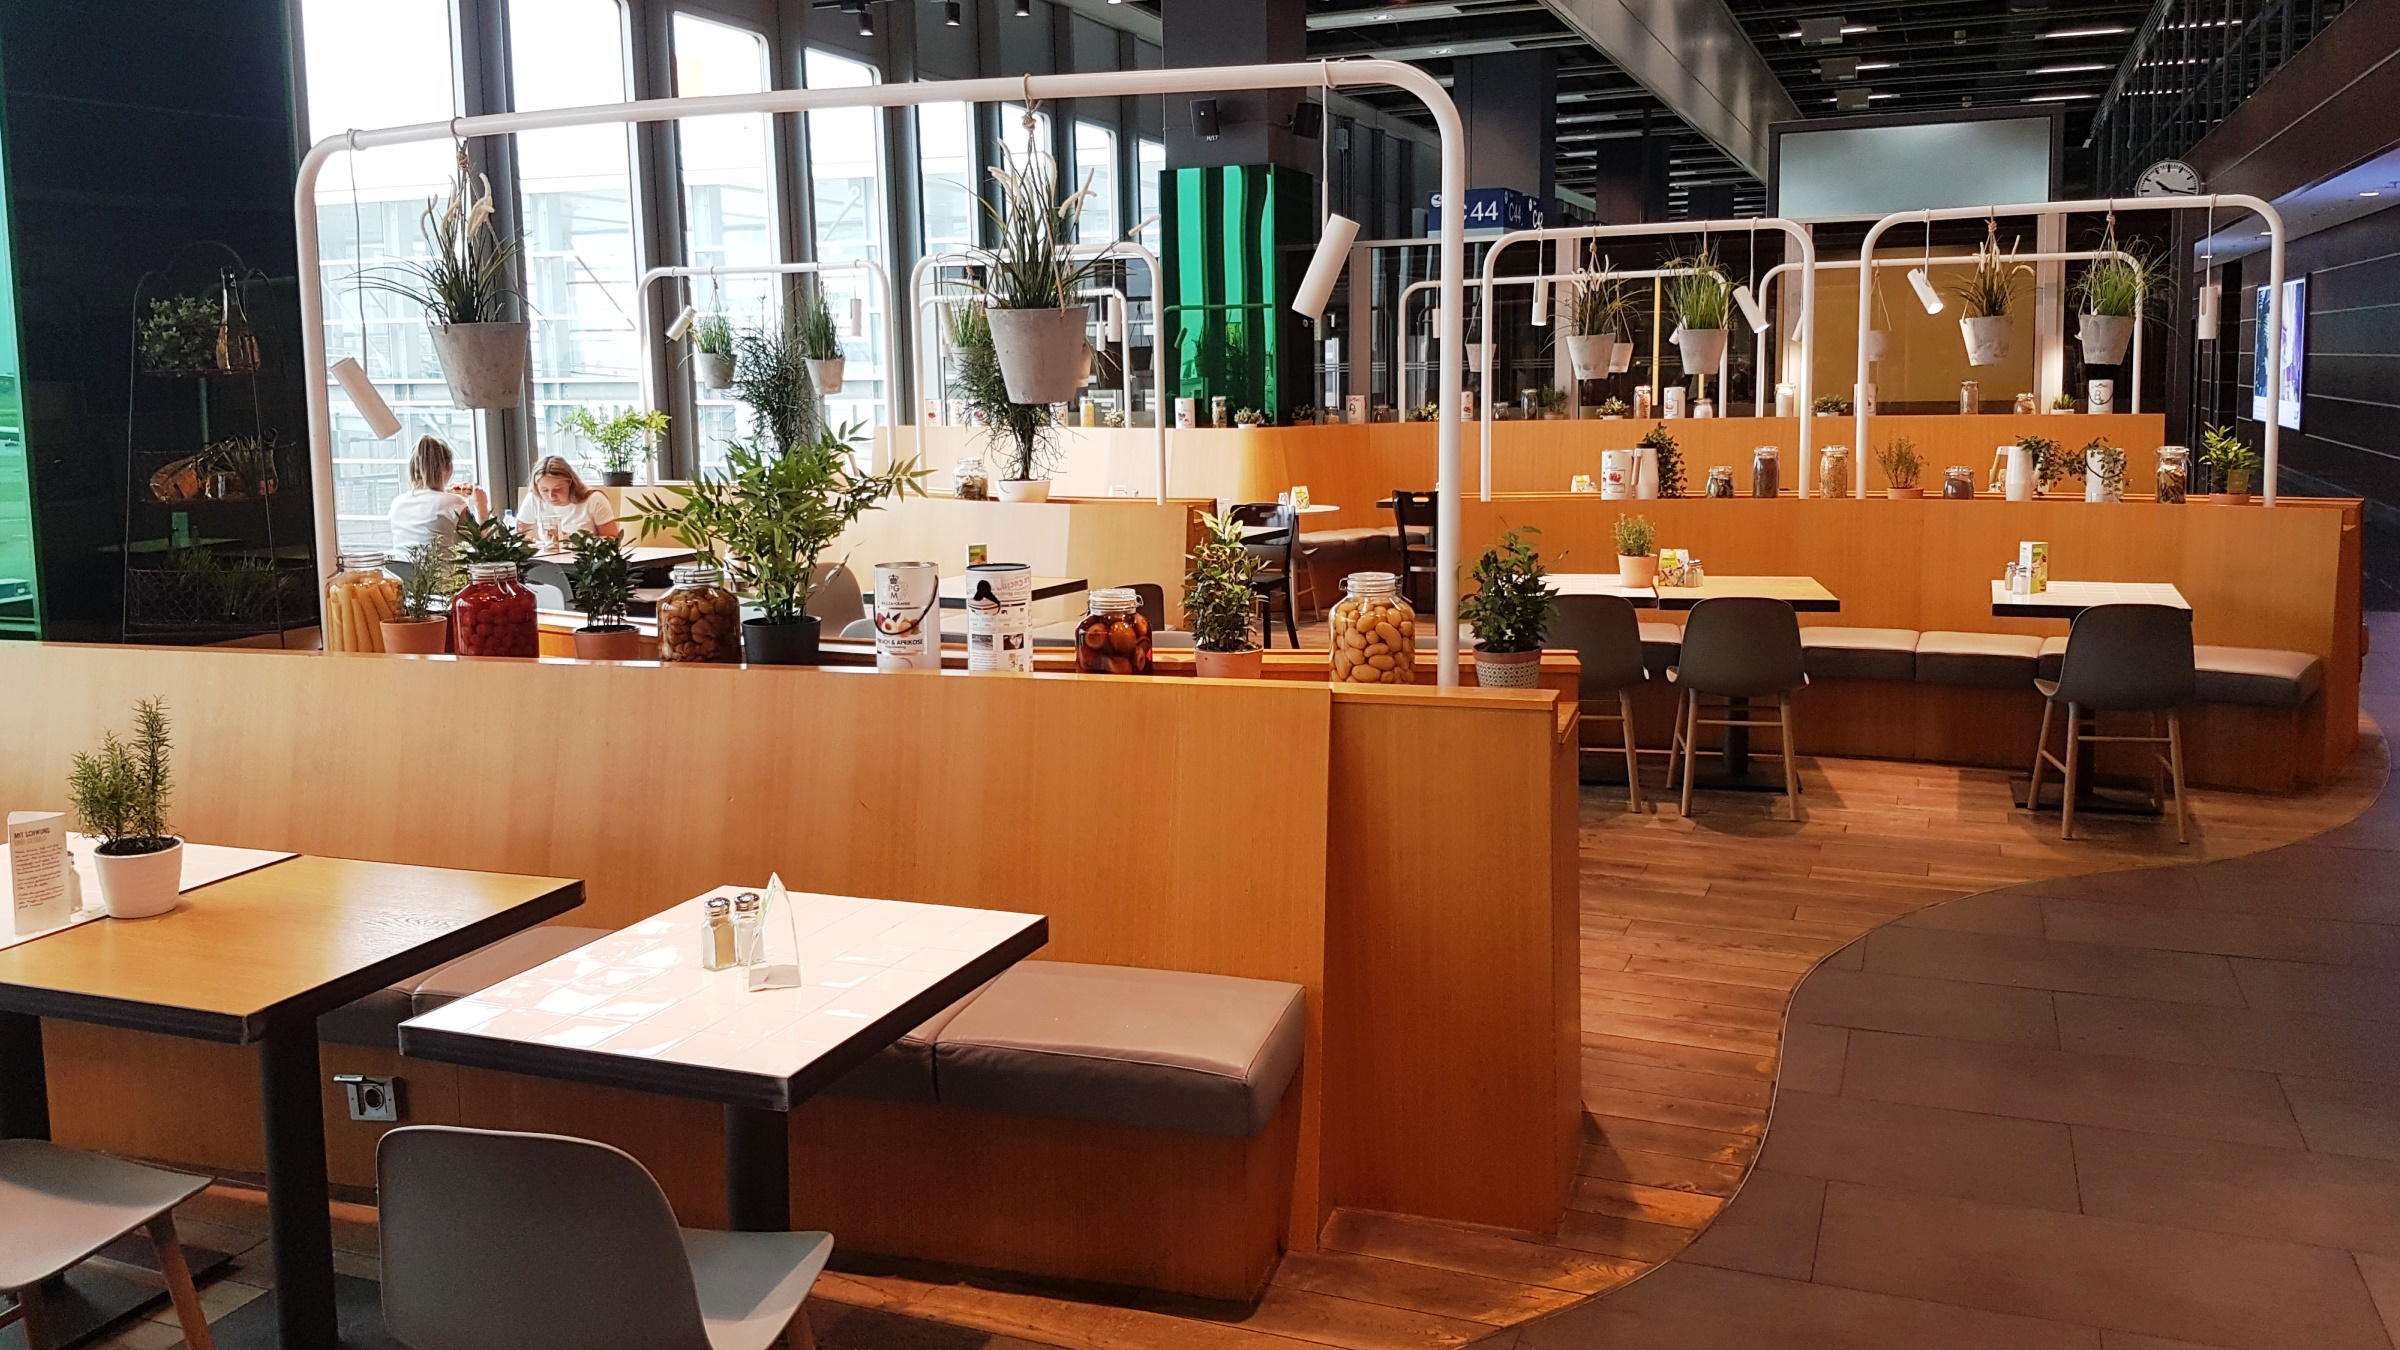 Marché Mövenpick Düsseldorf Airport